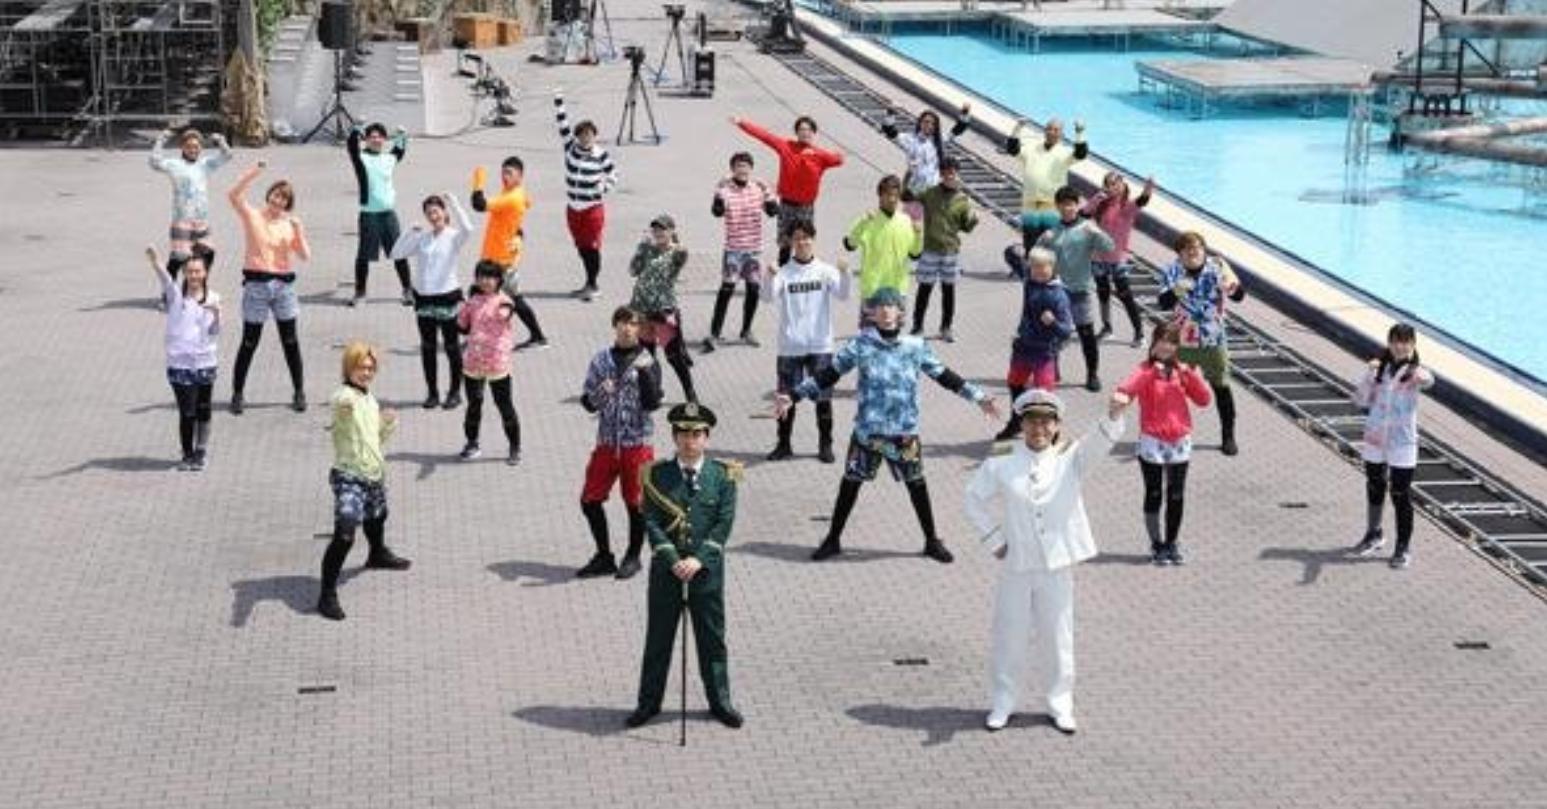 もう一人の日向坂46メンバーは丹生明里!5/16放送のフジテレビ特番「超水上サバイバル オチルナ!」加藤史帆と出演へ